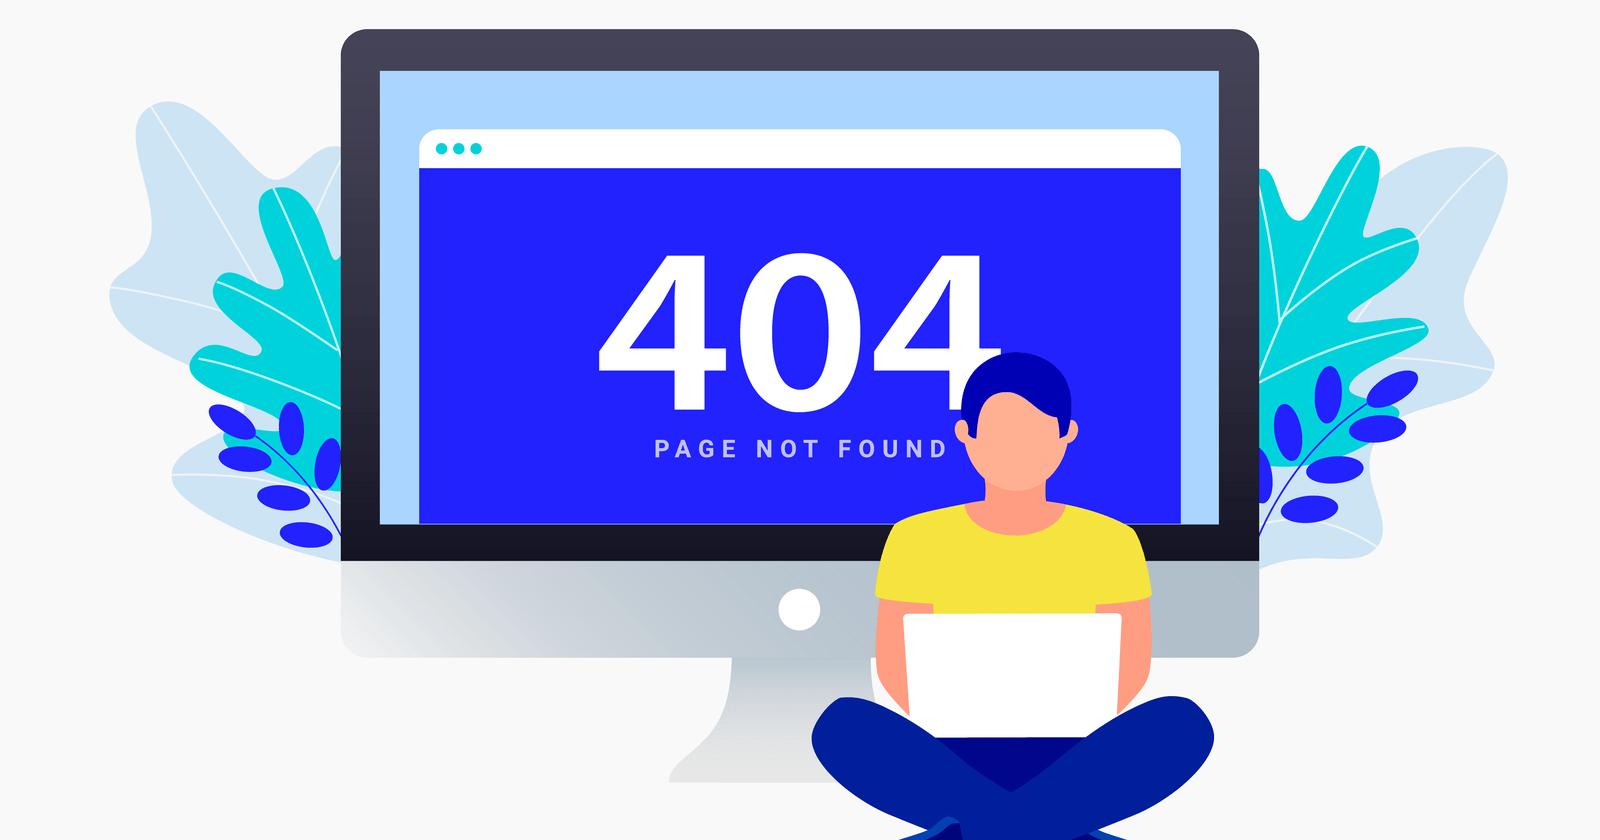 Google: les URL non valides doivent renvoyer des 404, pas des erreurs de serveur 5XX